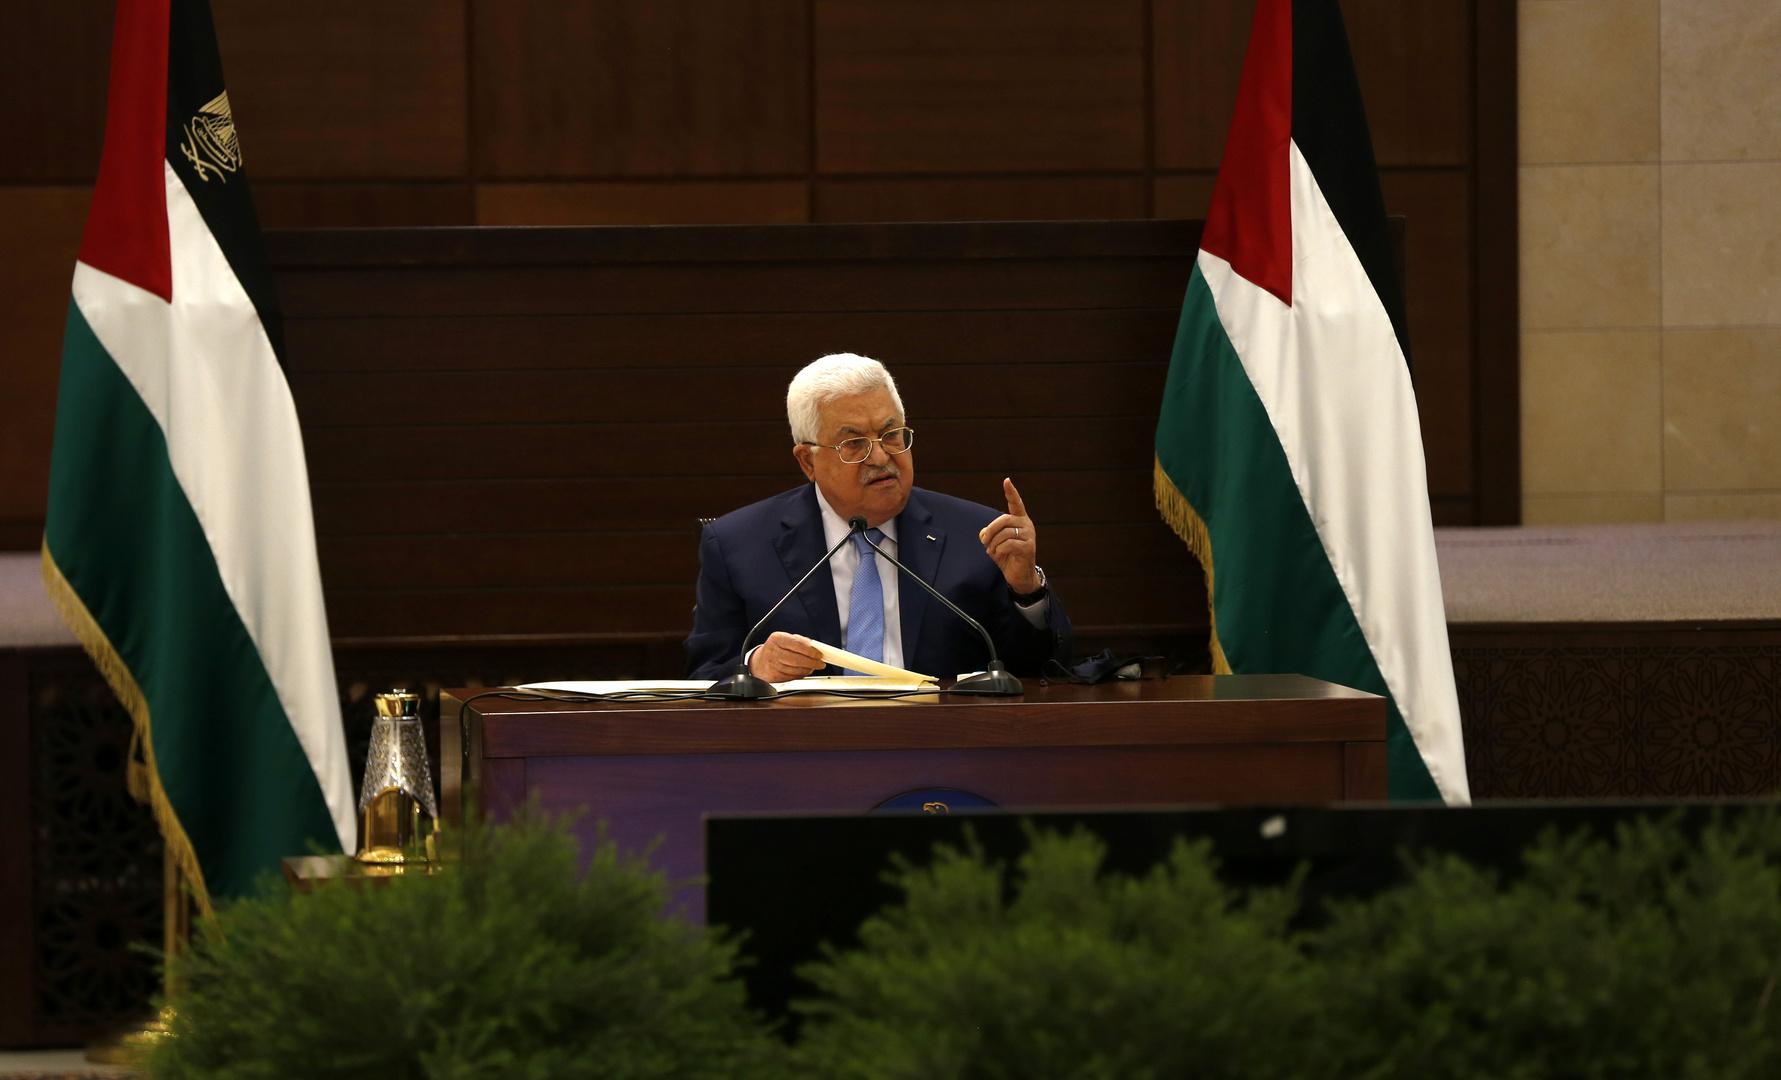 الرئيس الفلسطيني يعلن حالة الطوارئ 30 يوما لمواجهة كورونا